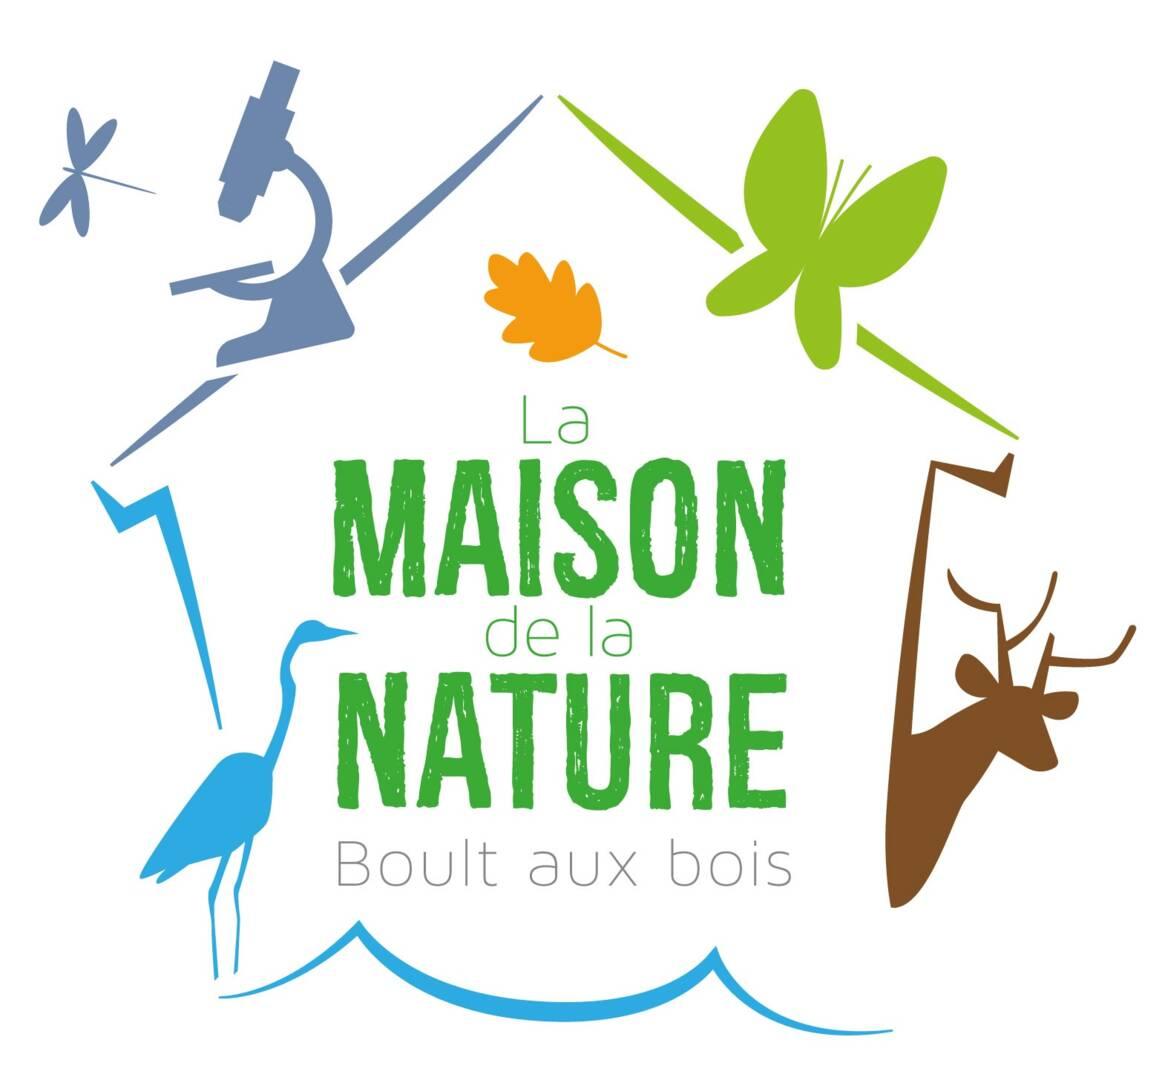 Maison de la Nature de Boult aux Bois